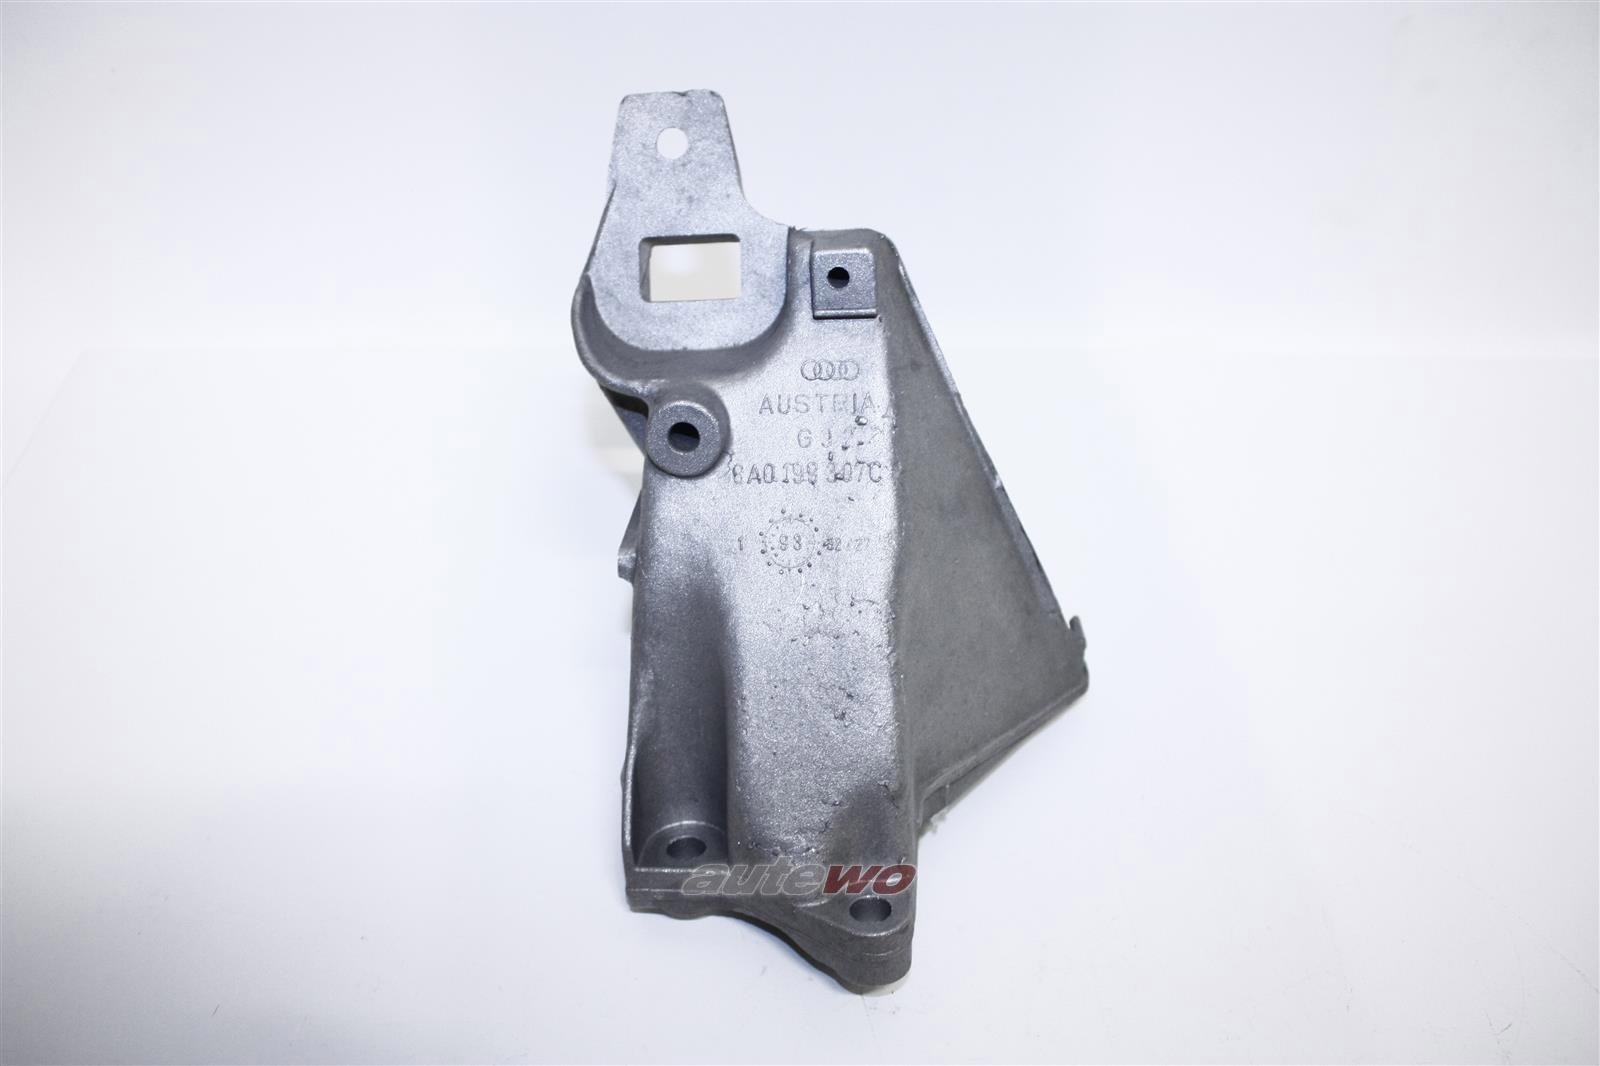 8A0199307C NEU Audi 80 B4 Motorhalter Stütze Links